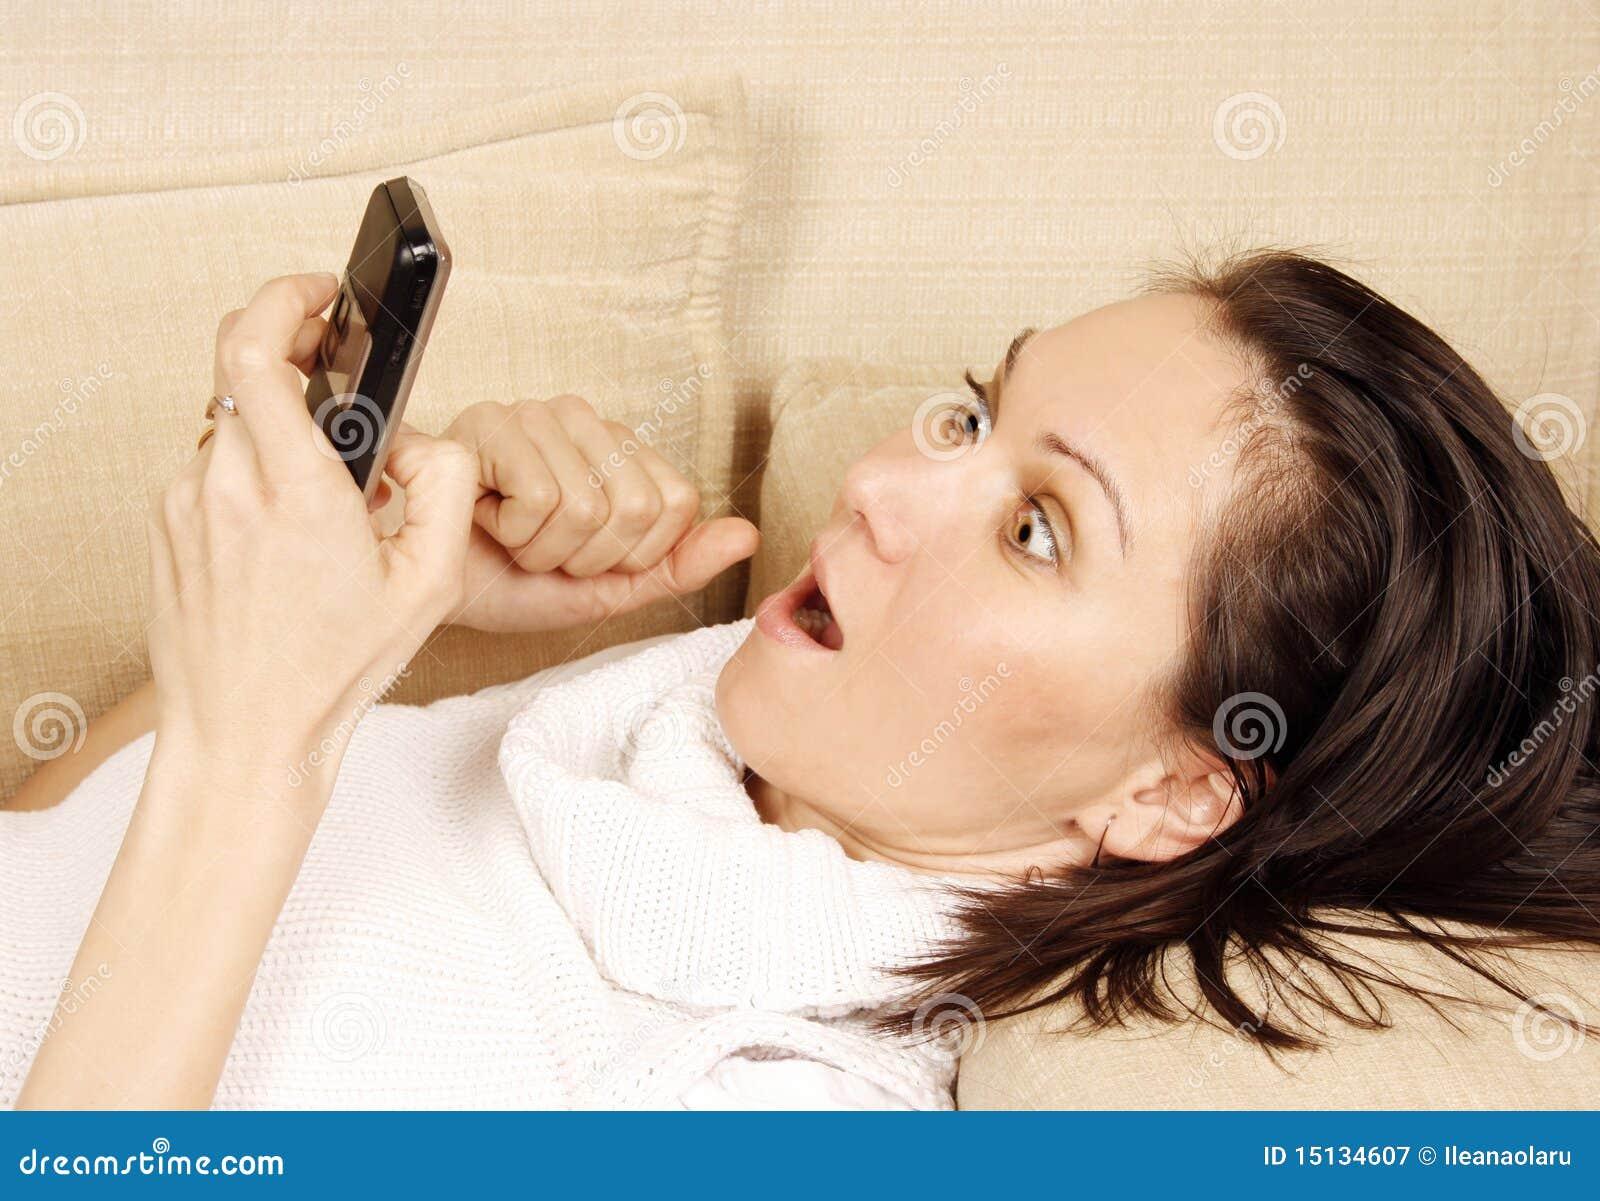 Секс по версии телефон, Порно с телефона онлайн, секс ролики с мобильного 30 фотография